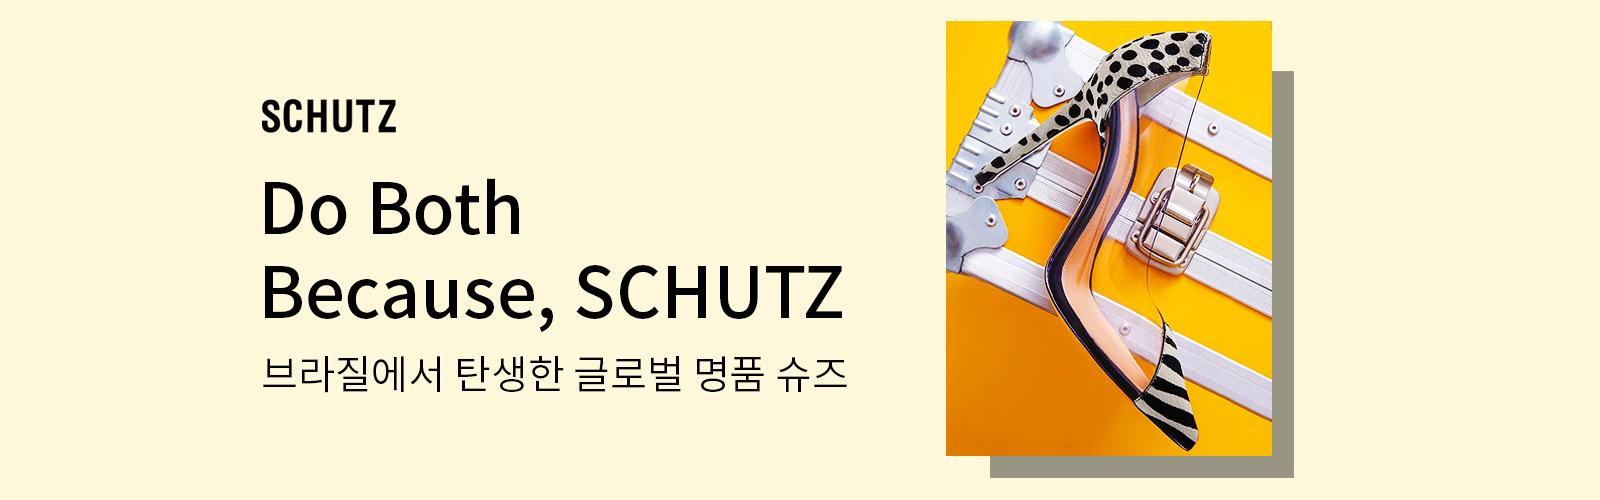 슈츠 Do Both Because, SCHUTZ 브라질에서 탄생한 글로벌 명품 슈즈